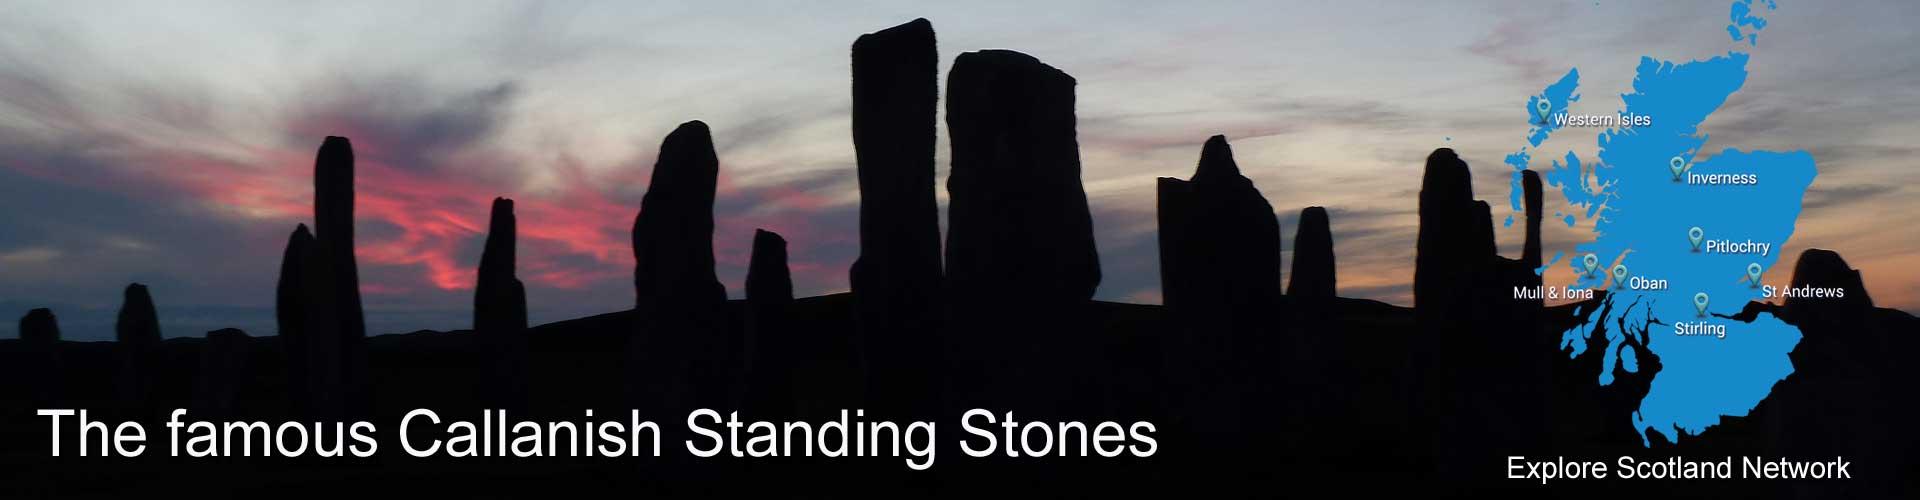 Isle of Lewis standing stones